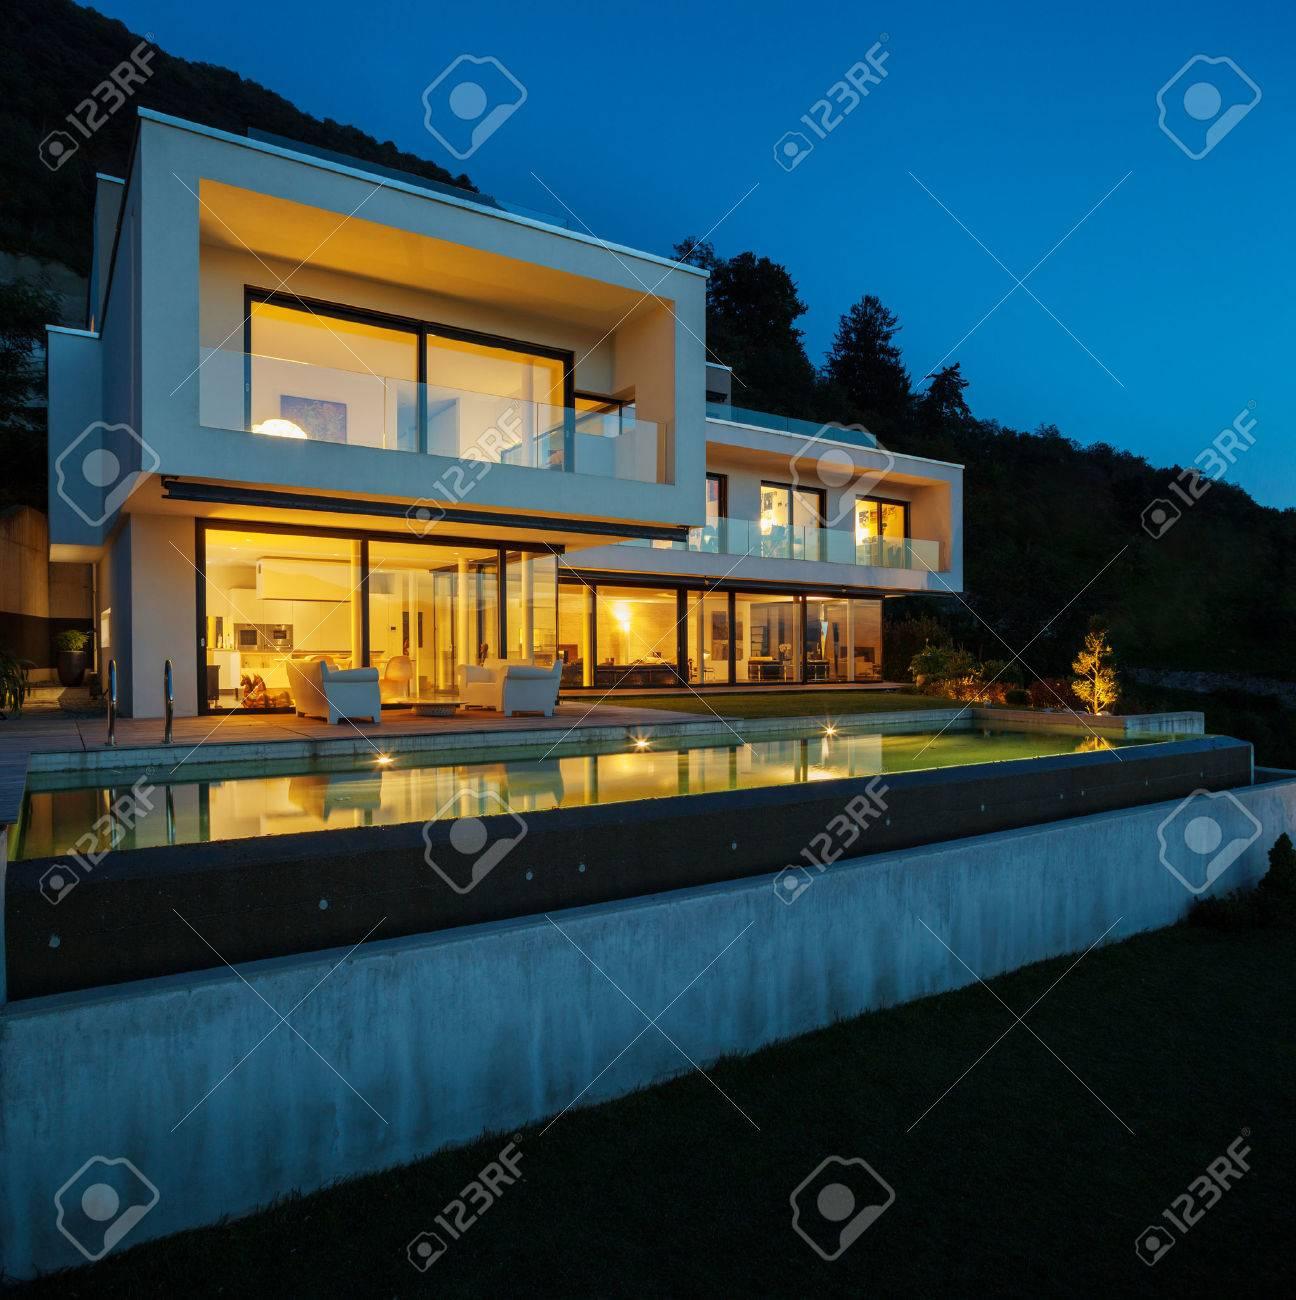 Maison Moderne Avec Piscine Et Jardin L Heure D Ete Banque D Images